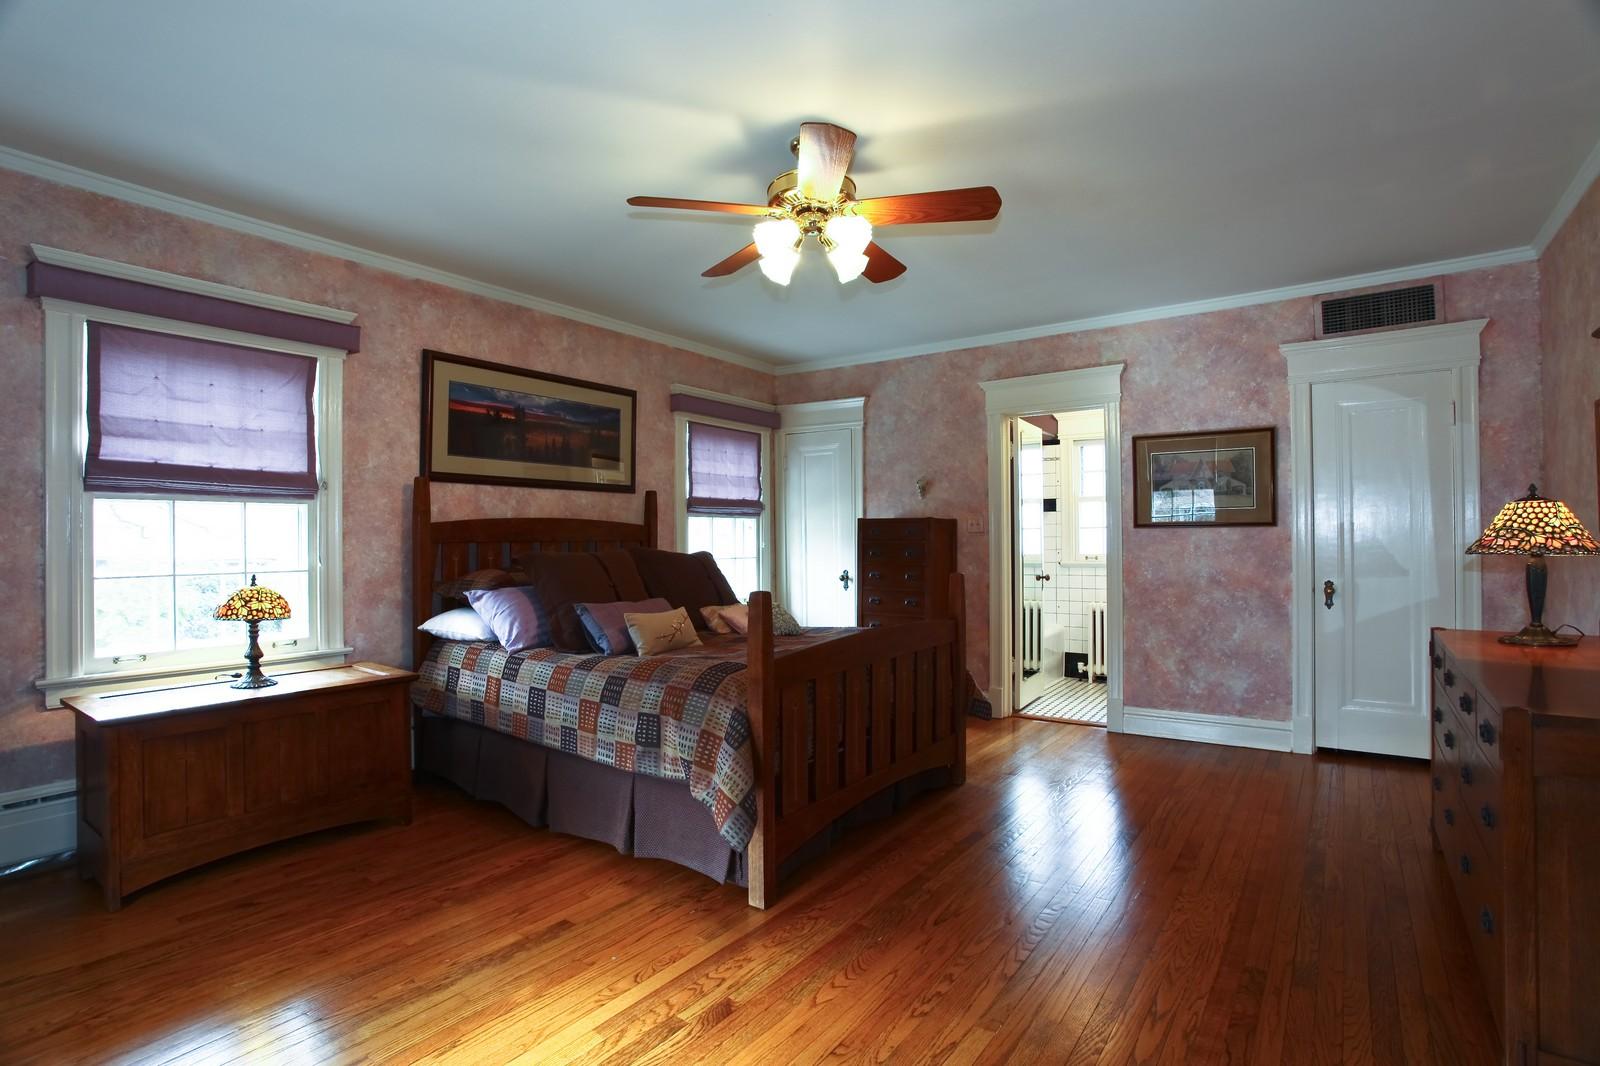 Real Estate Photography - 864 Woodland Dr, Glen Ellyn, IL, 60137 - Master Bedroom